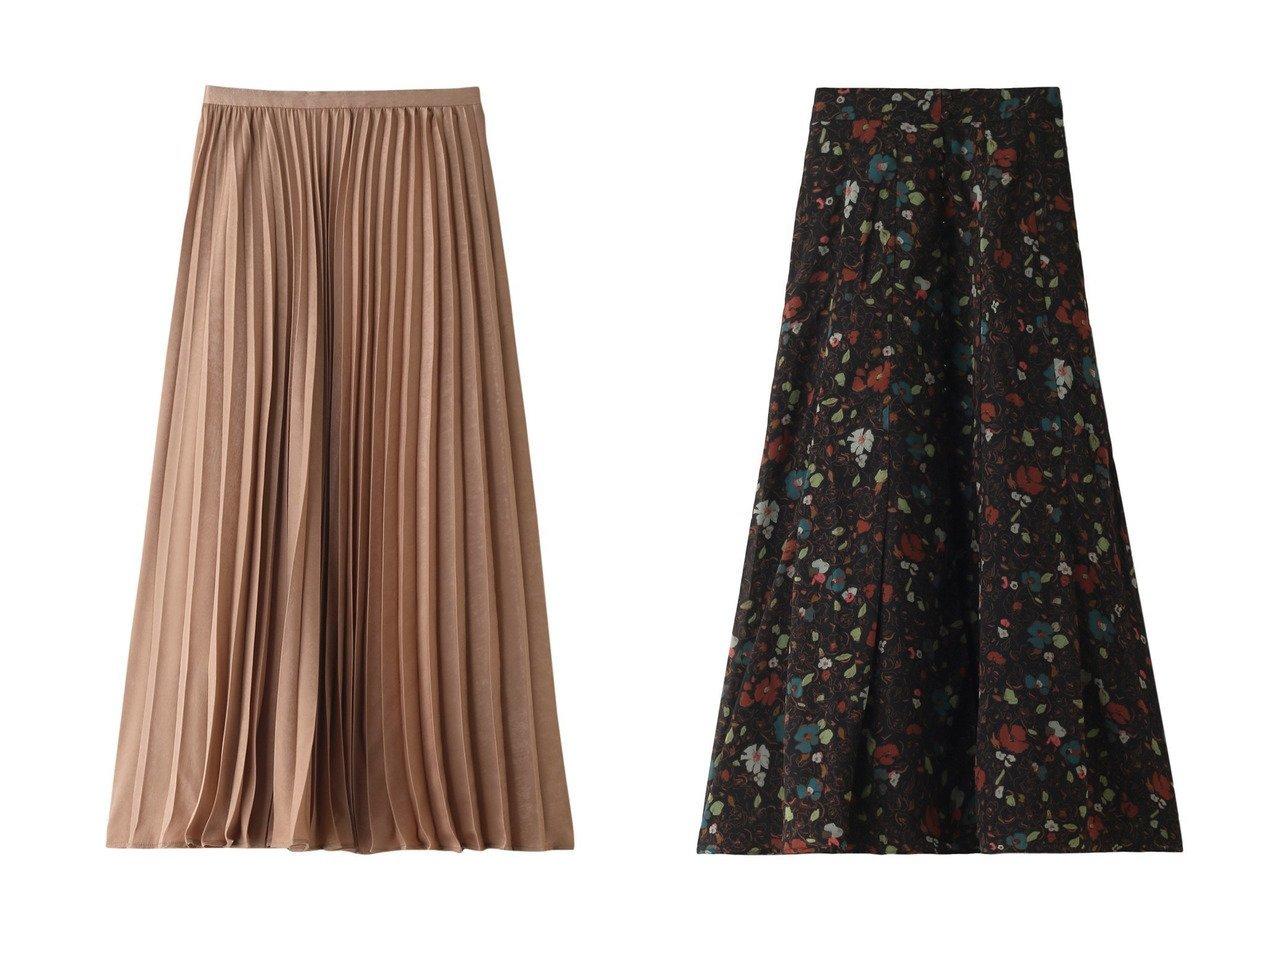 【ROSE BUD/ローズバッド】のフラワープリントタックフレアスカート&シャイニープリーツスカート スカートのおすすめ!人気、レディースファッションの通販 おすすめで人気のファッション通販商品 インテリア・家具・キッズファッション・メンズファッション・レディースファッション・服の通販 founy(ファニー) https://founy.com/ ファッション Fashion レディース WOMEN スカート Skirt プリーツスカート Pleated Skirts ロングスカート Long Skirt Aライン/フレアスカート Flared A-Line Skirts シャイニー トレンド プリーツ ロング |ID:crp329100000002659